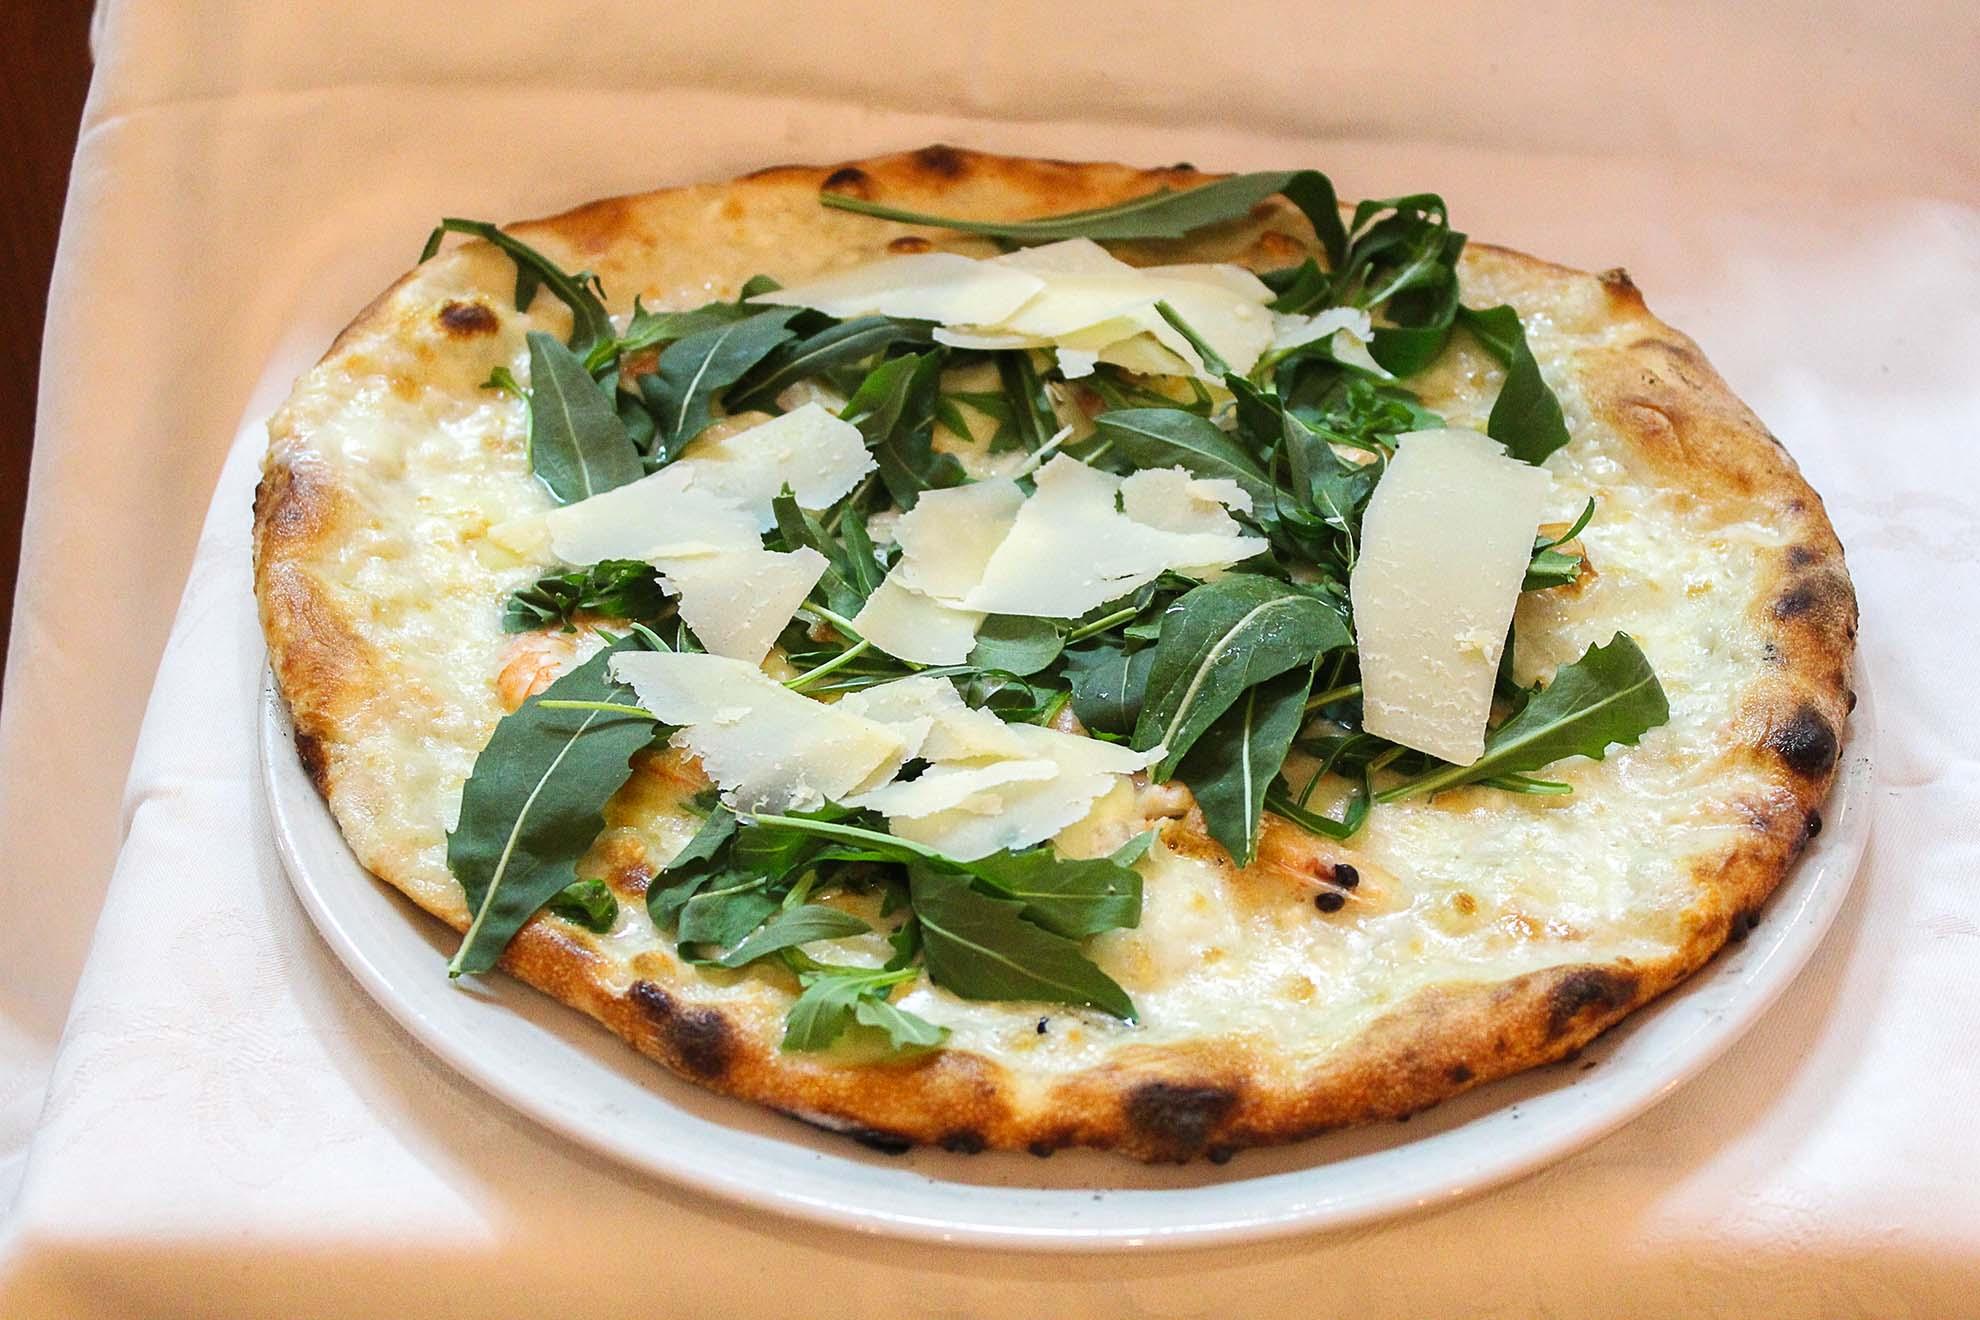 Pizza con mozzarella, gamberetti, rucola e scaglie